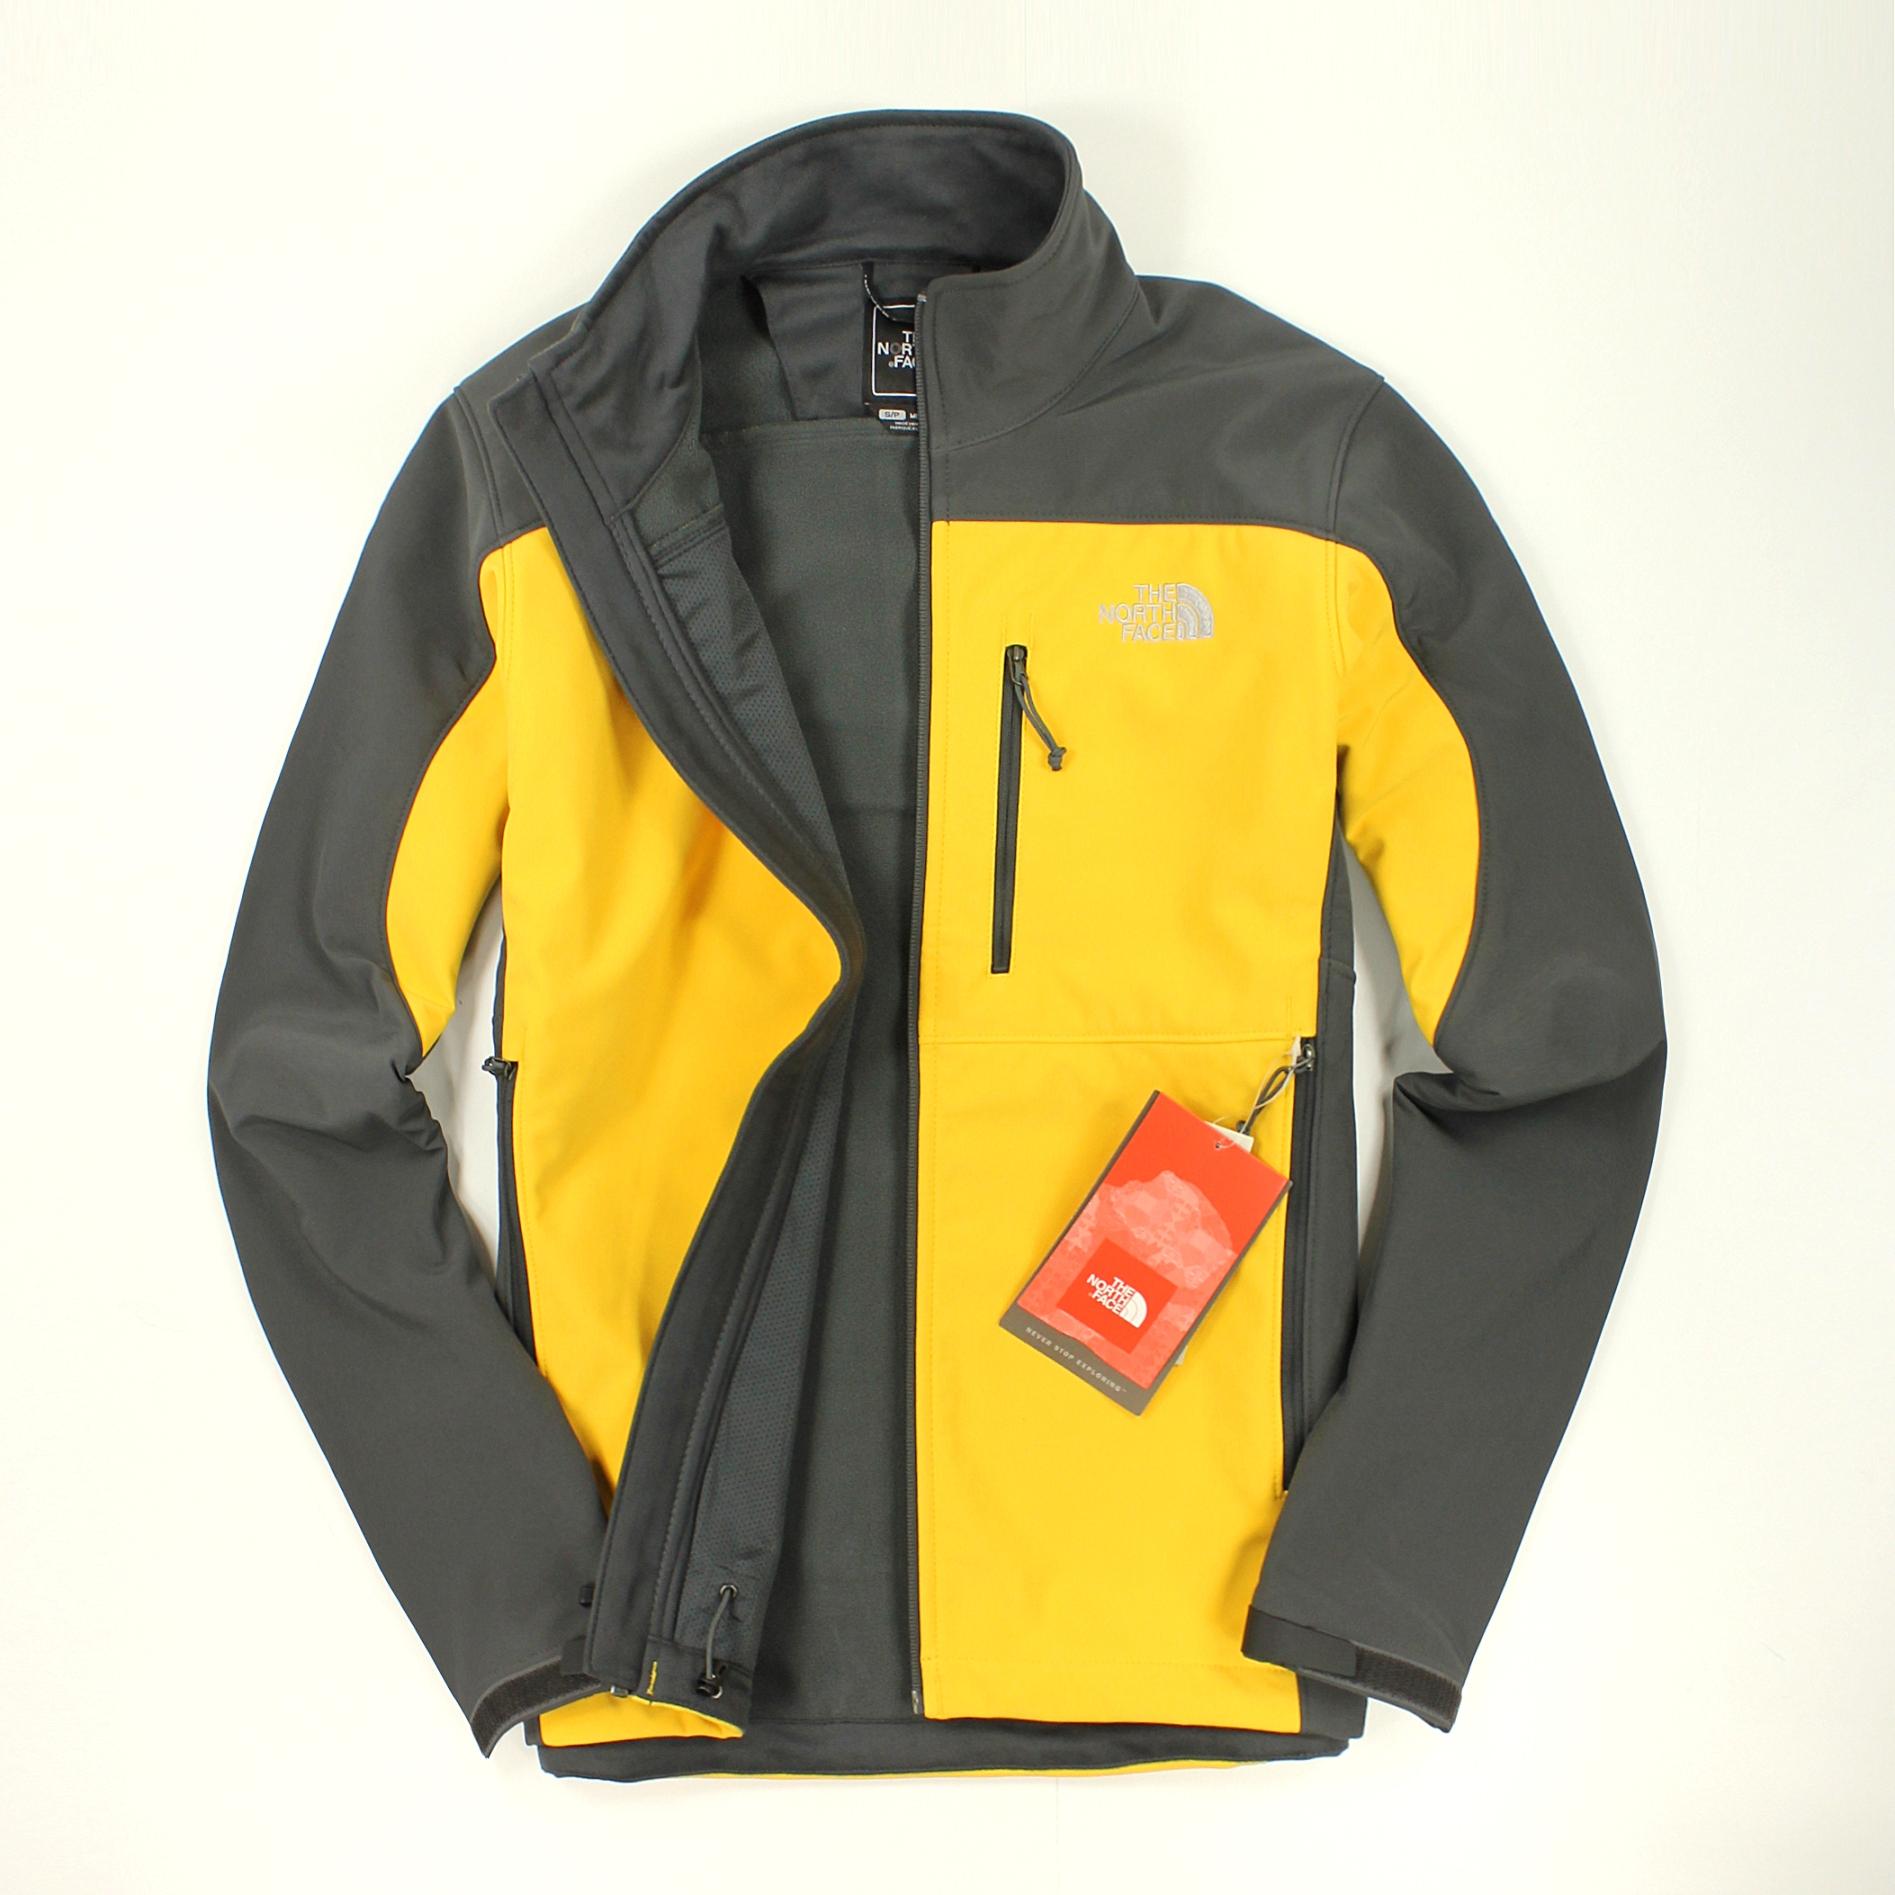 美國百分百【全新真品】The North Face 外套 TNF 軟殼 夾克 防風 防水 保暖 北臉 黃灰 男衣 S M號